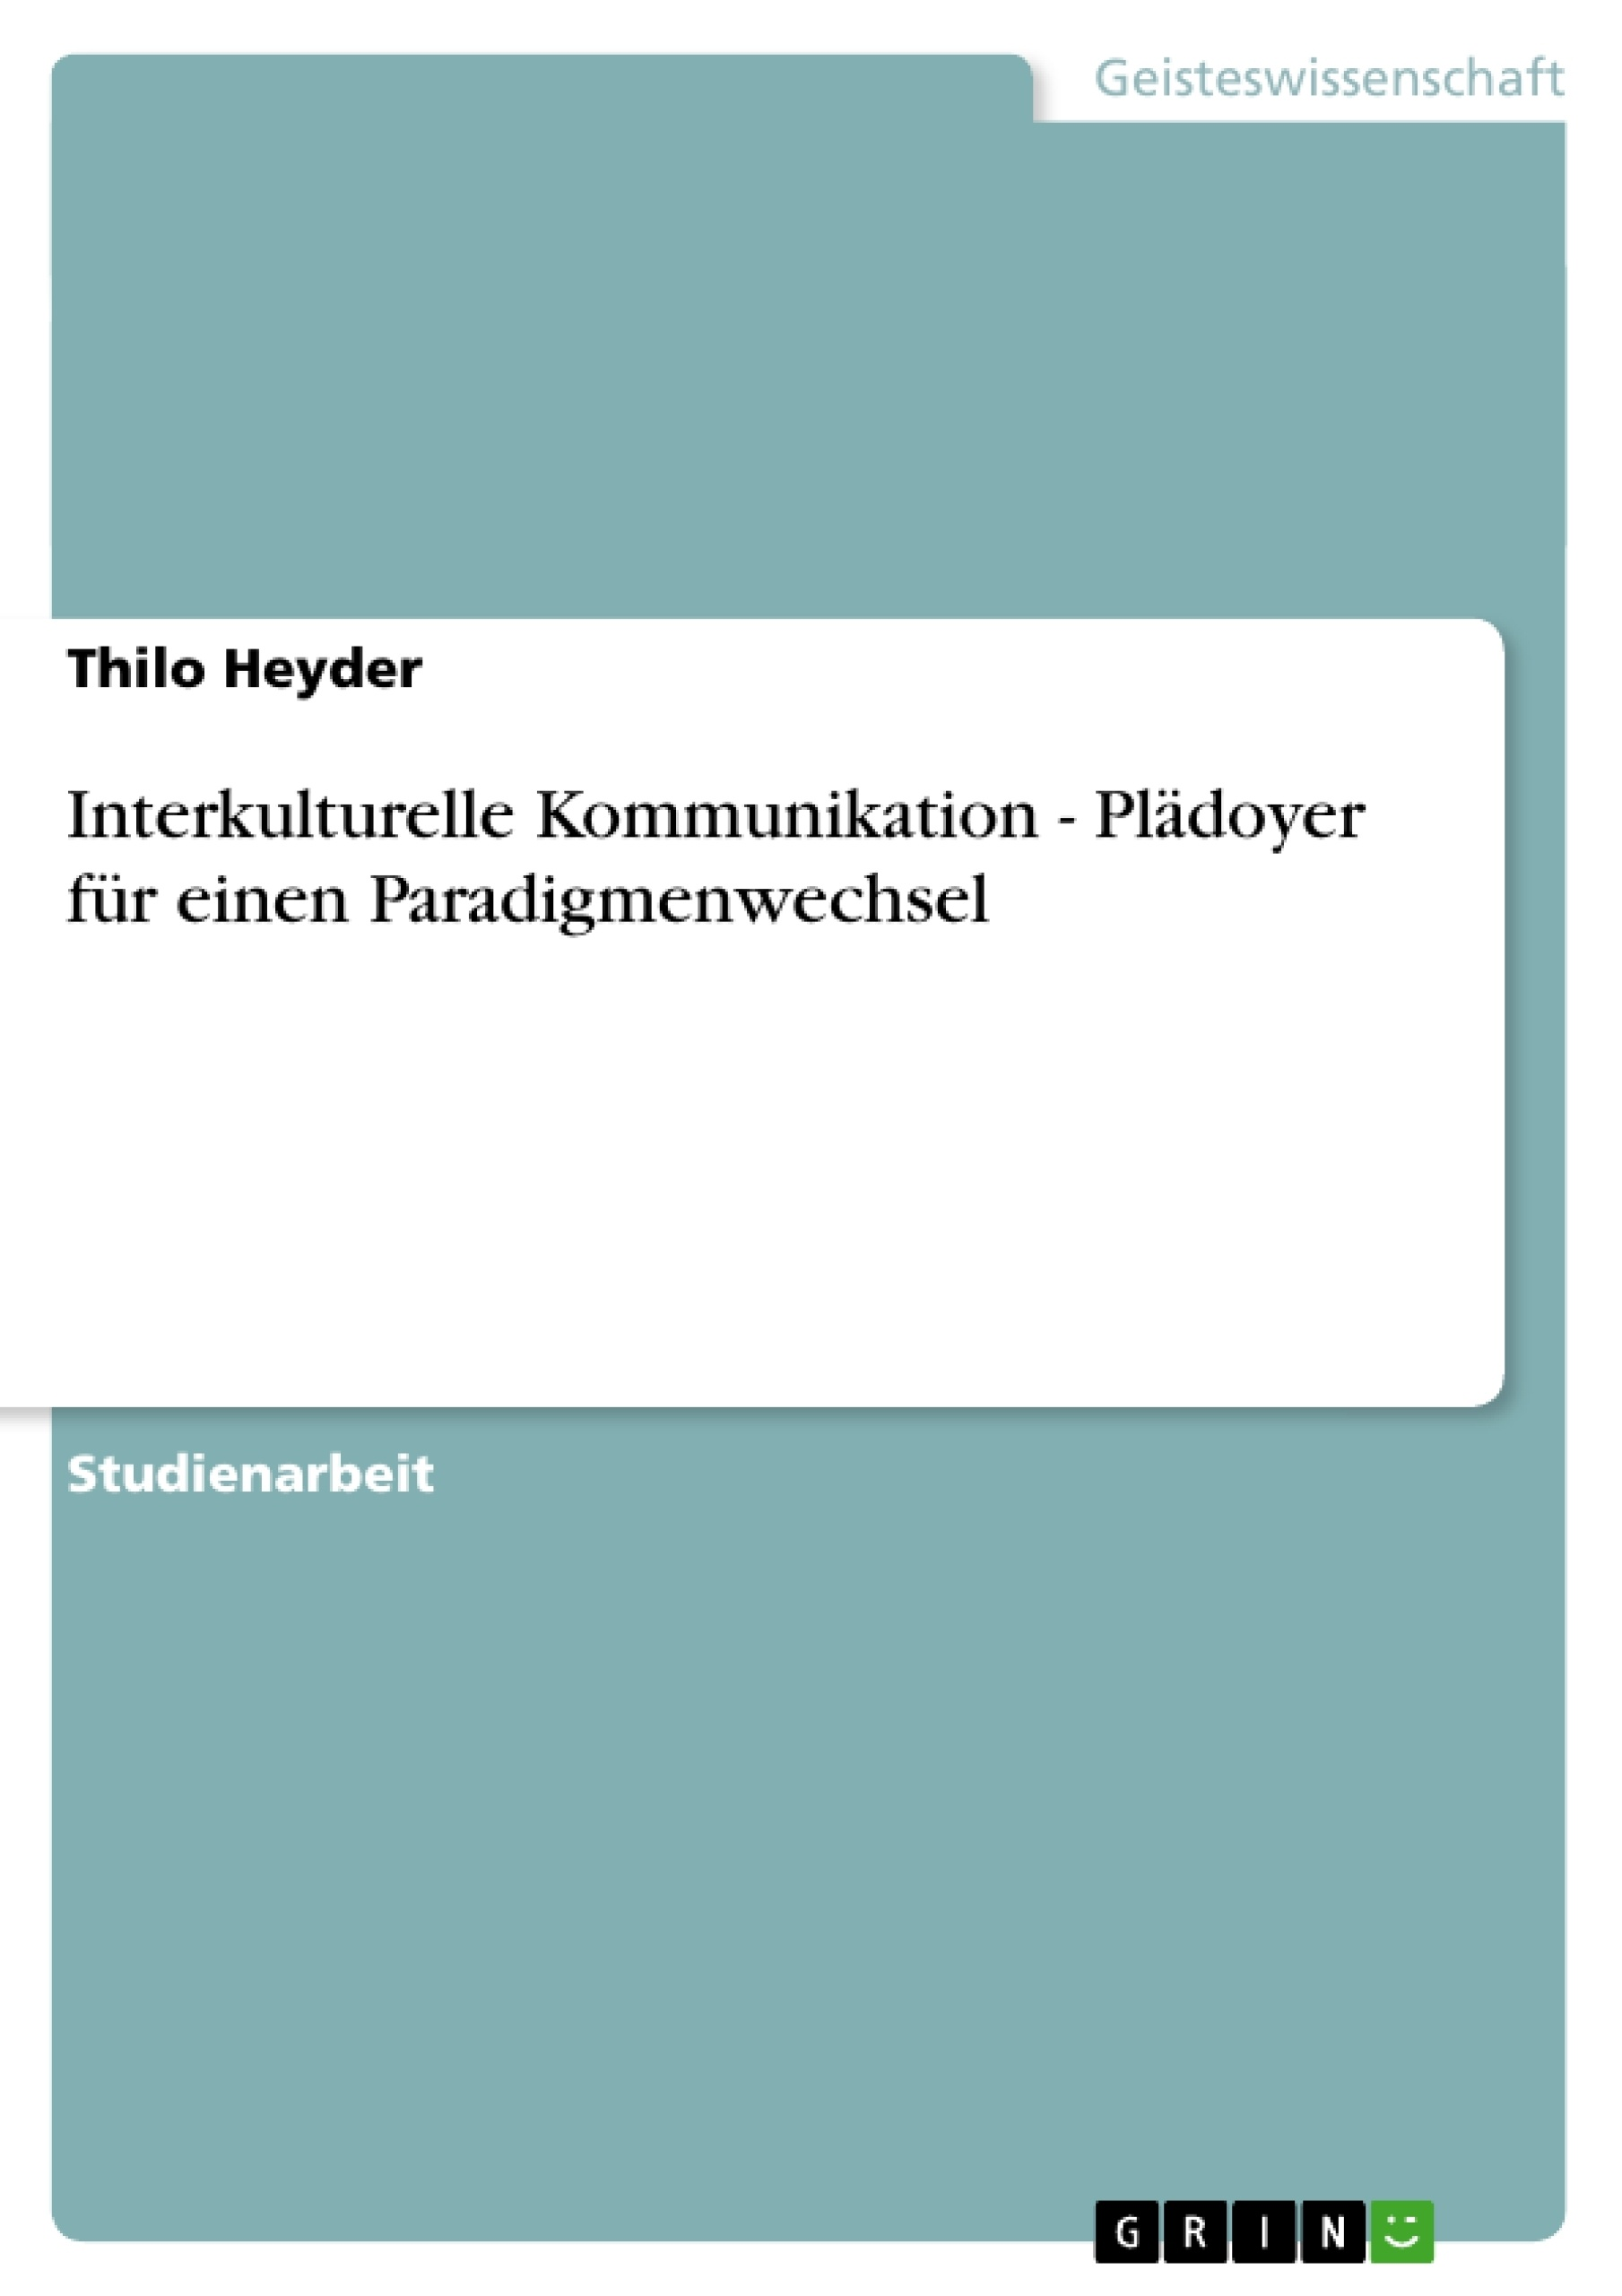 Titel: Interkulturelle Kommunikation - Plädoyer für einen Paradigmenwechsel